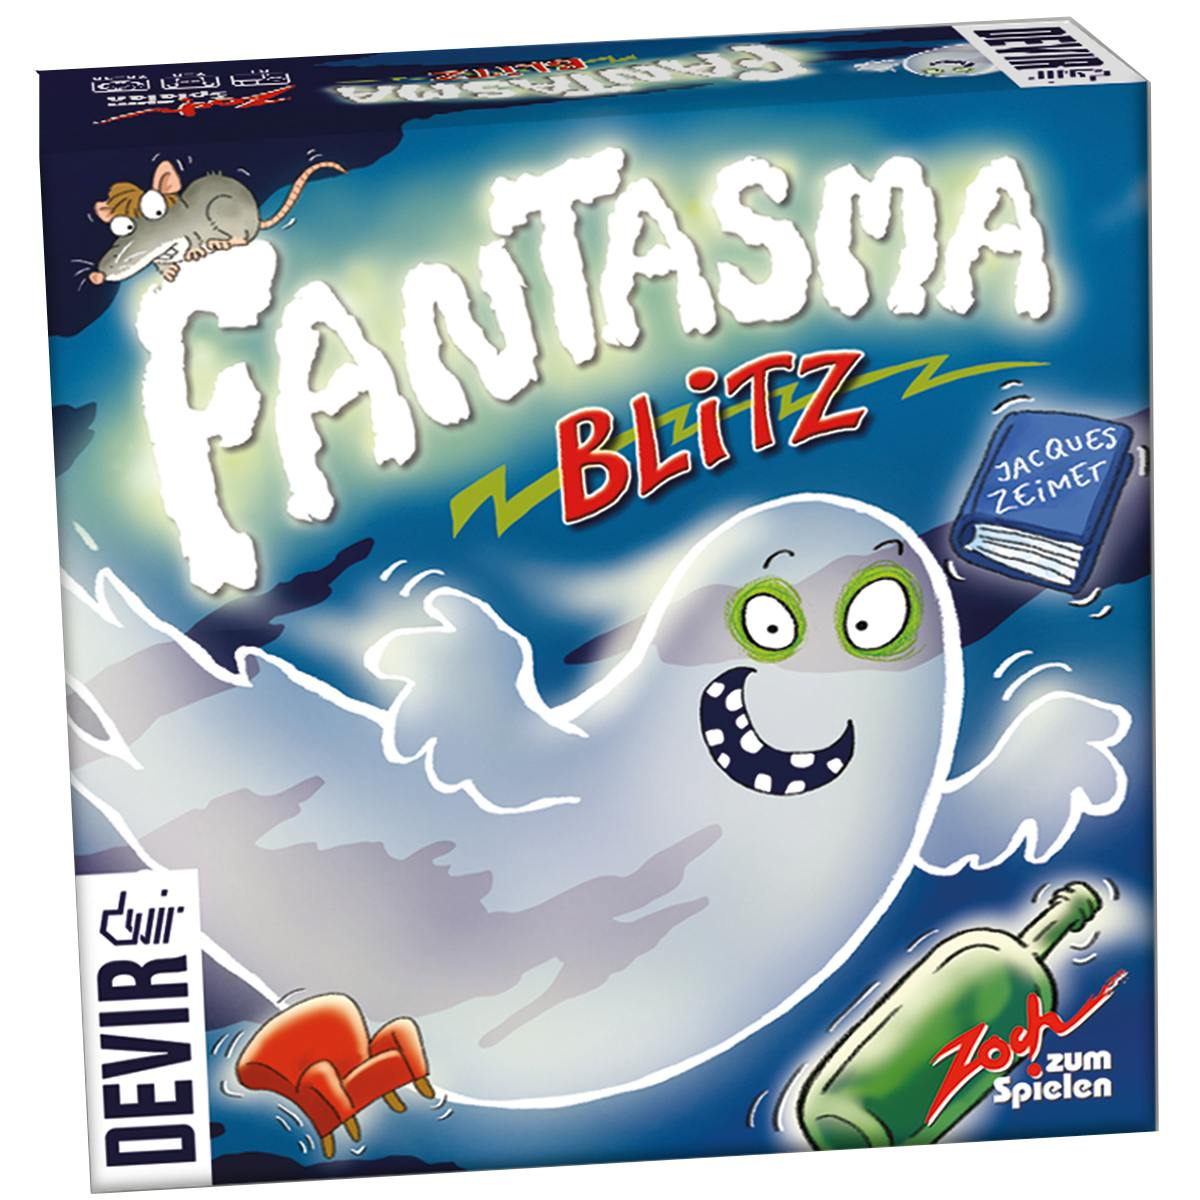 Fantasma Blitz Jogo de Tabuleiro Devir